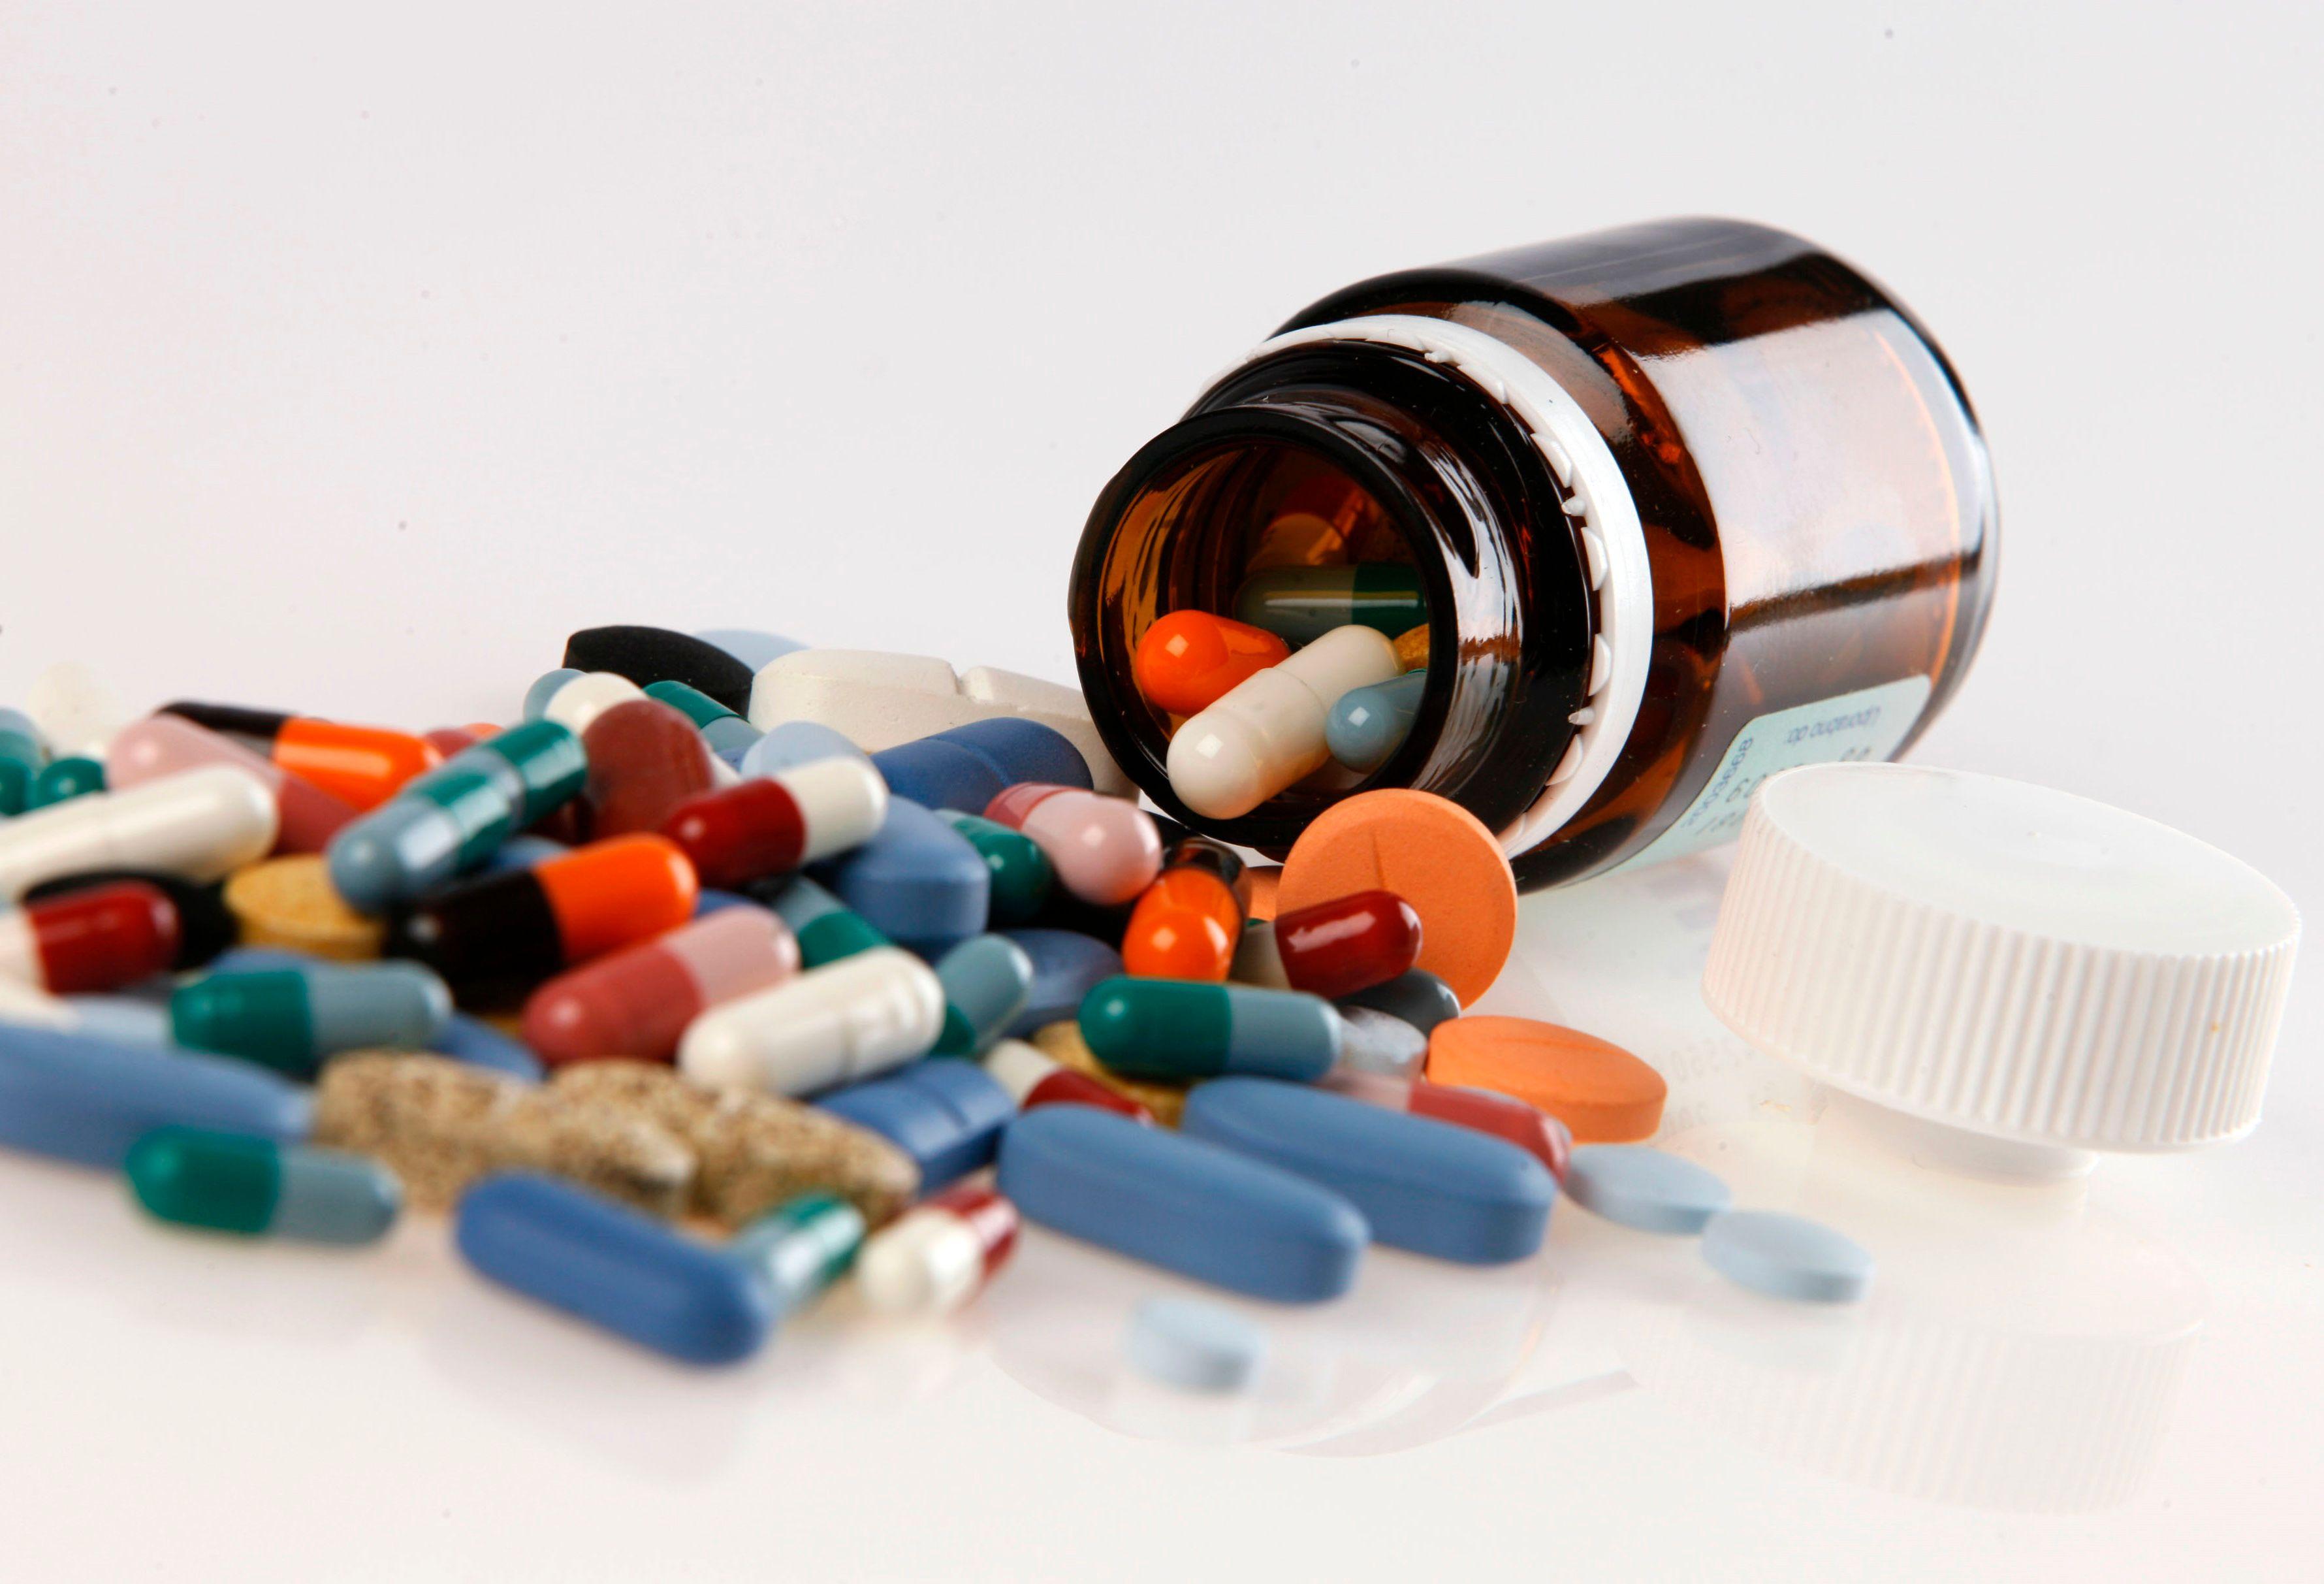 Les erreurs médicamenteuses ne diminuent pas : a-t-on trop banalisé le médicament en France ?